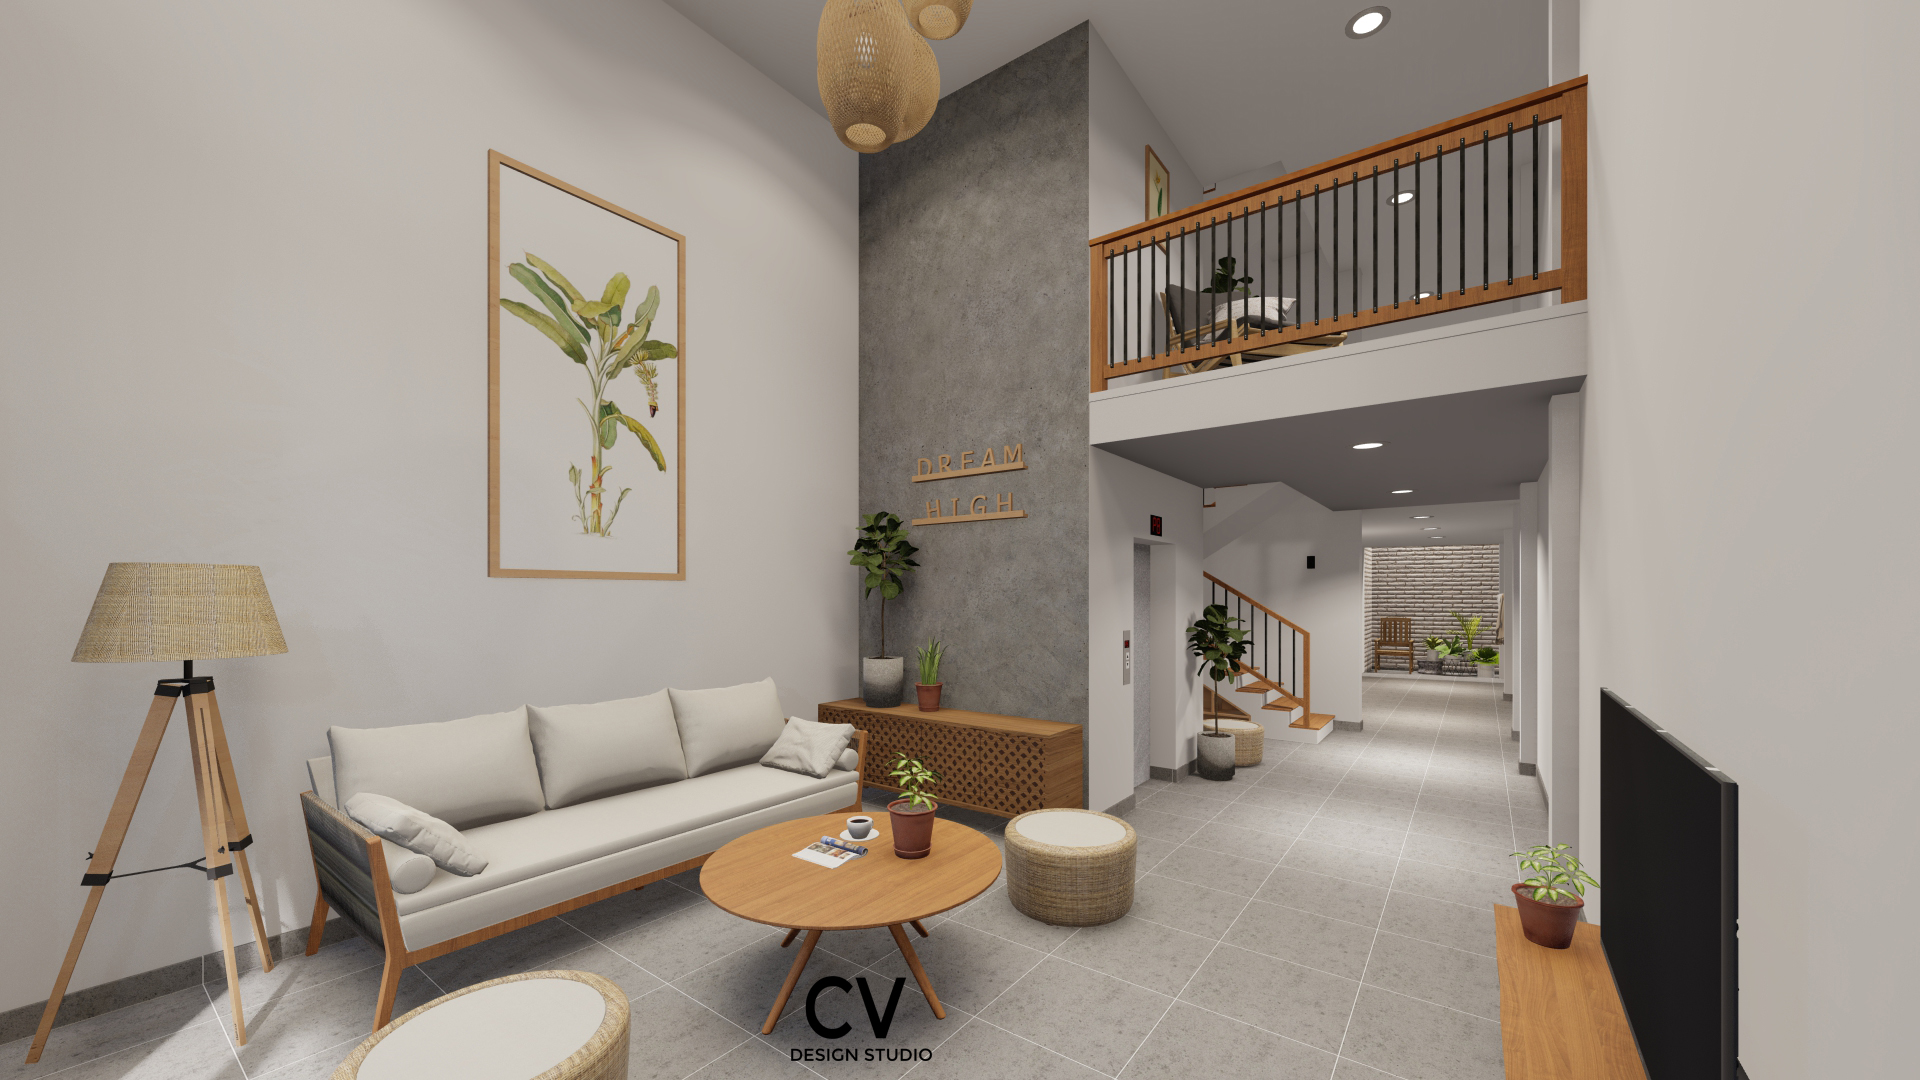 Thiết kế nội thất Nhà Mặt Phố tại An Giang H+ House 1600088020 1